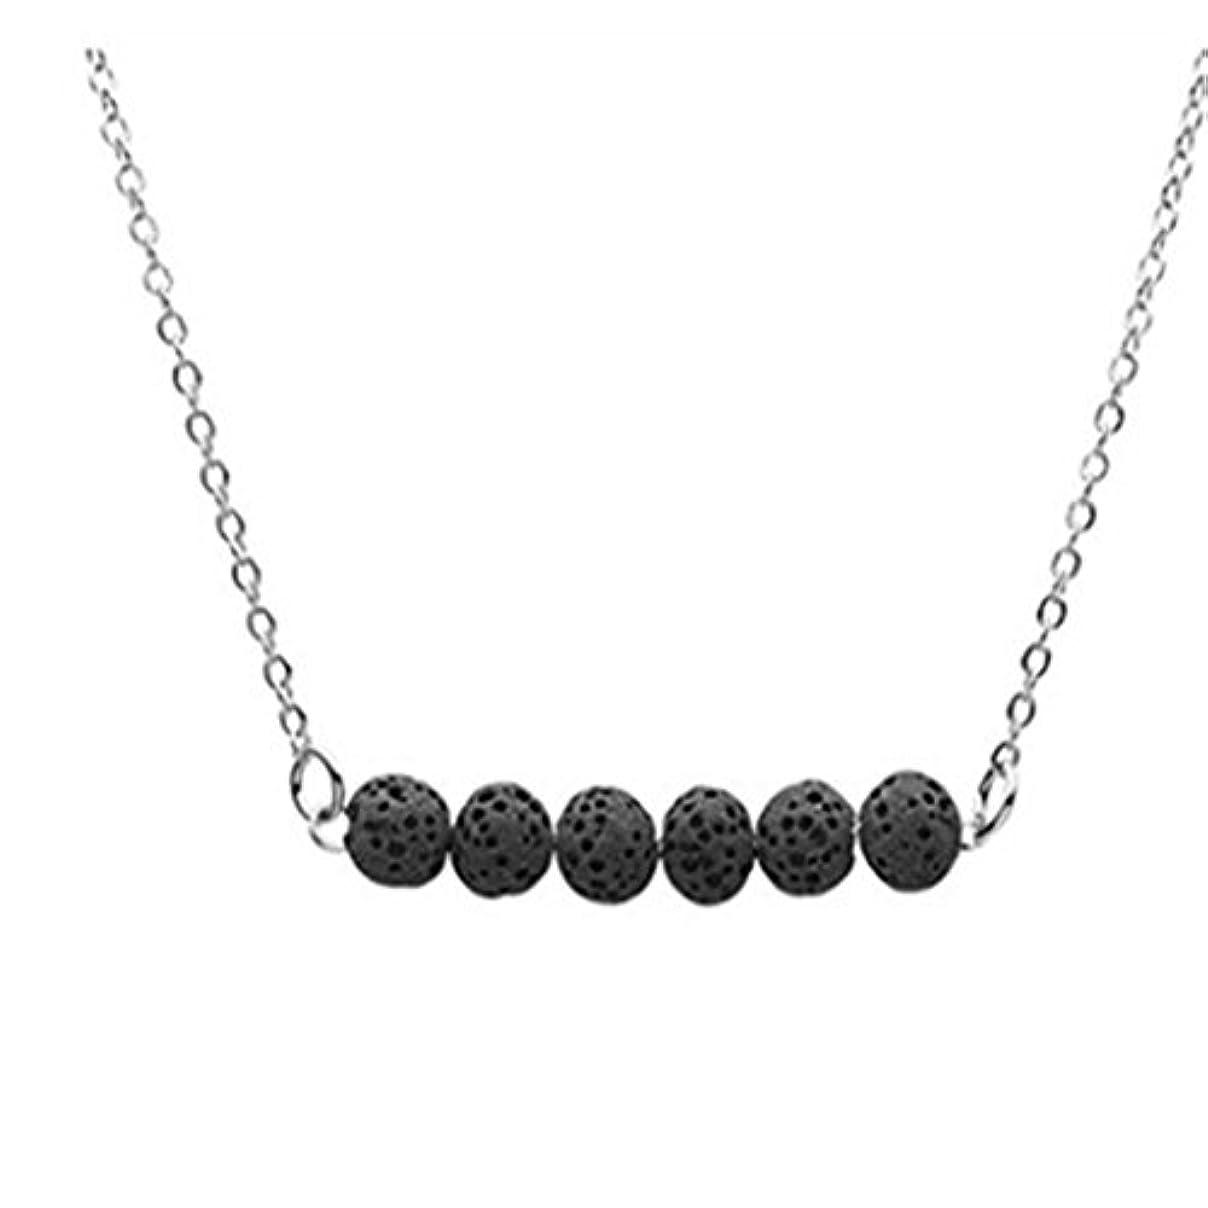 意味代わりにを立てるいつでもcianowegy Simple Tinyラバストーンネックレス、Essential Oil Diffuserネックレスwith Lava Stone – ステンレススチール ブラック